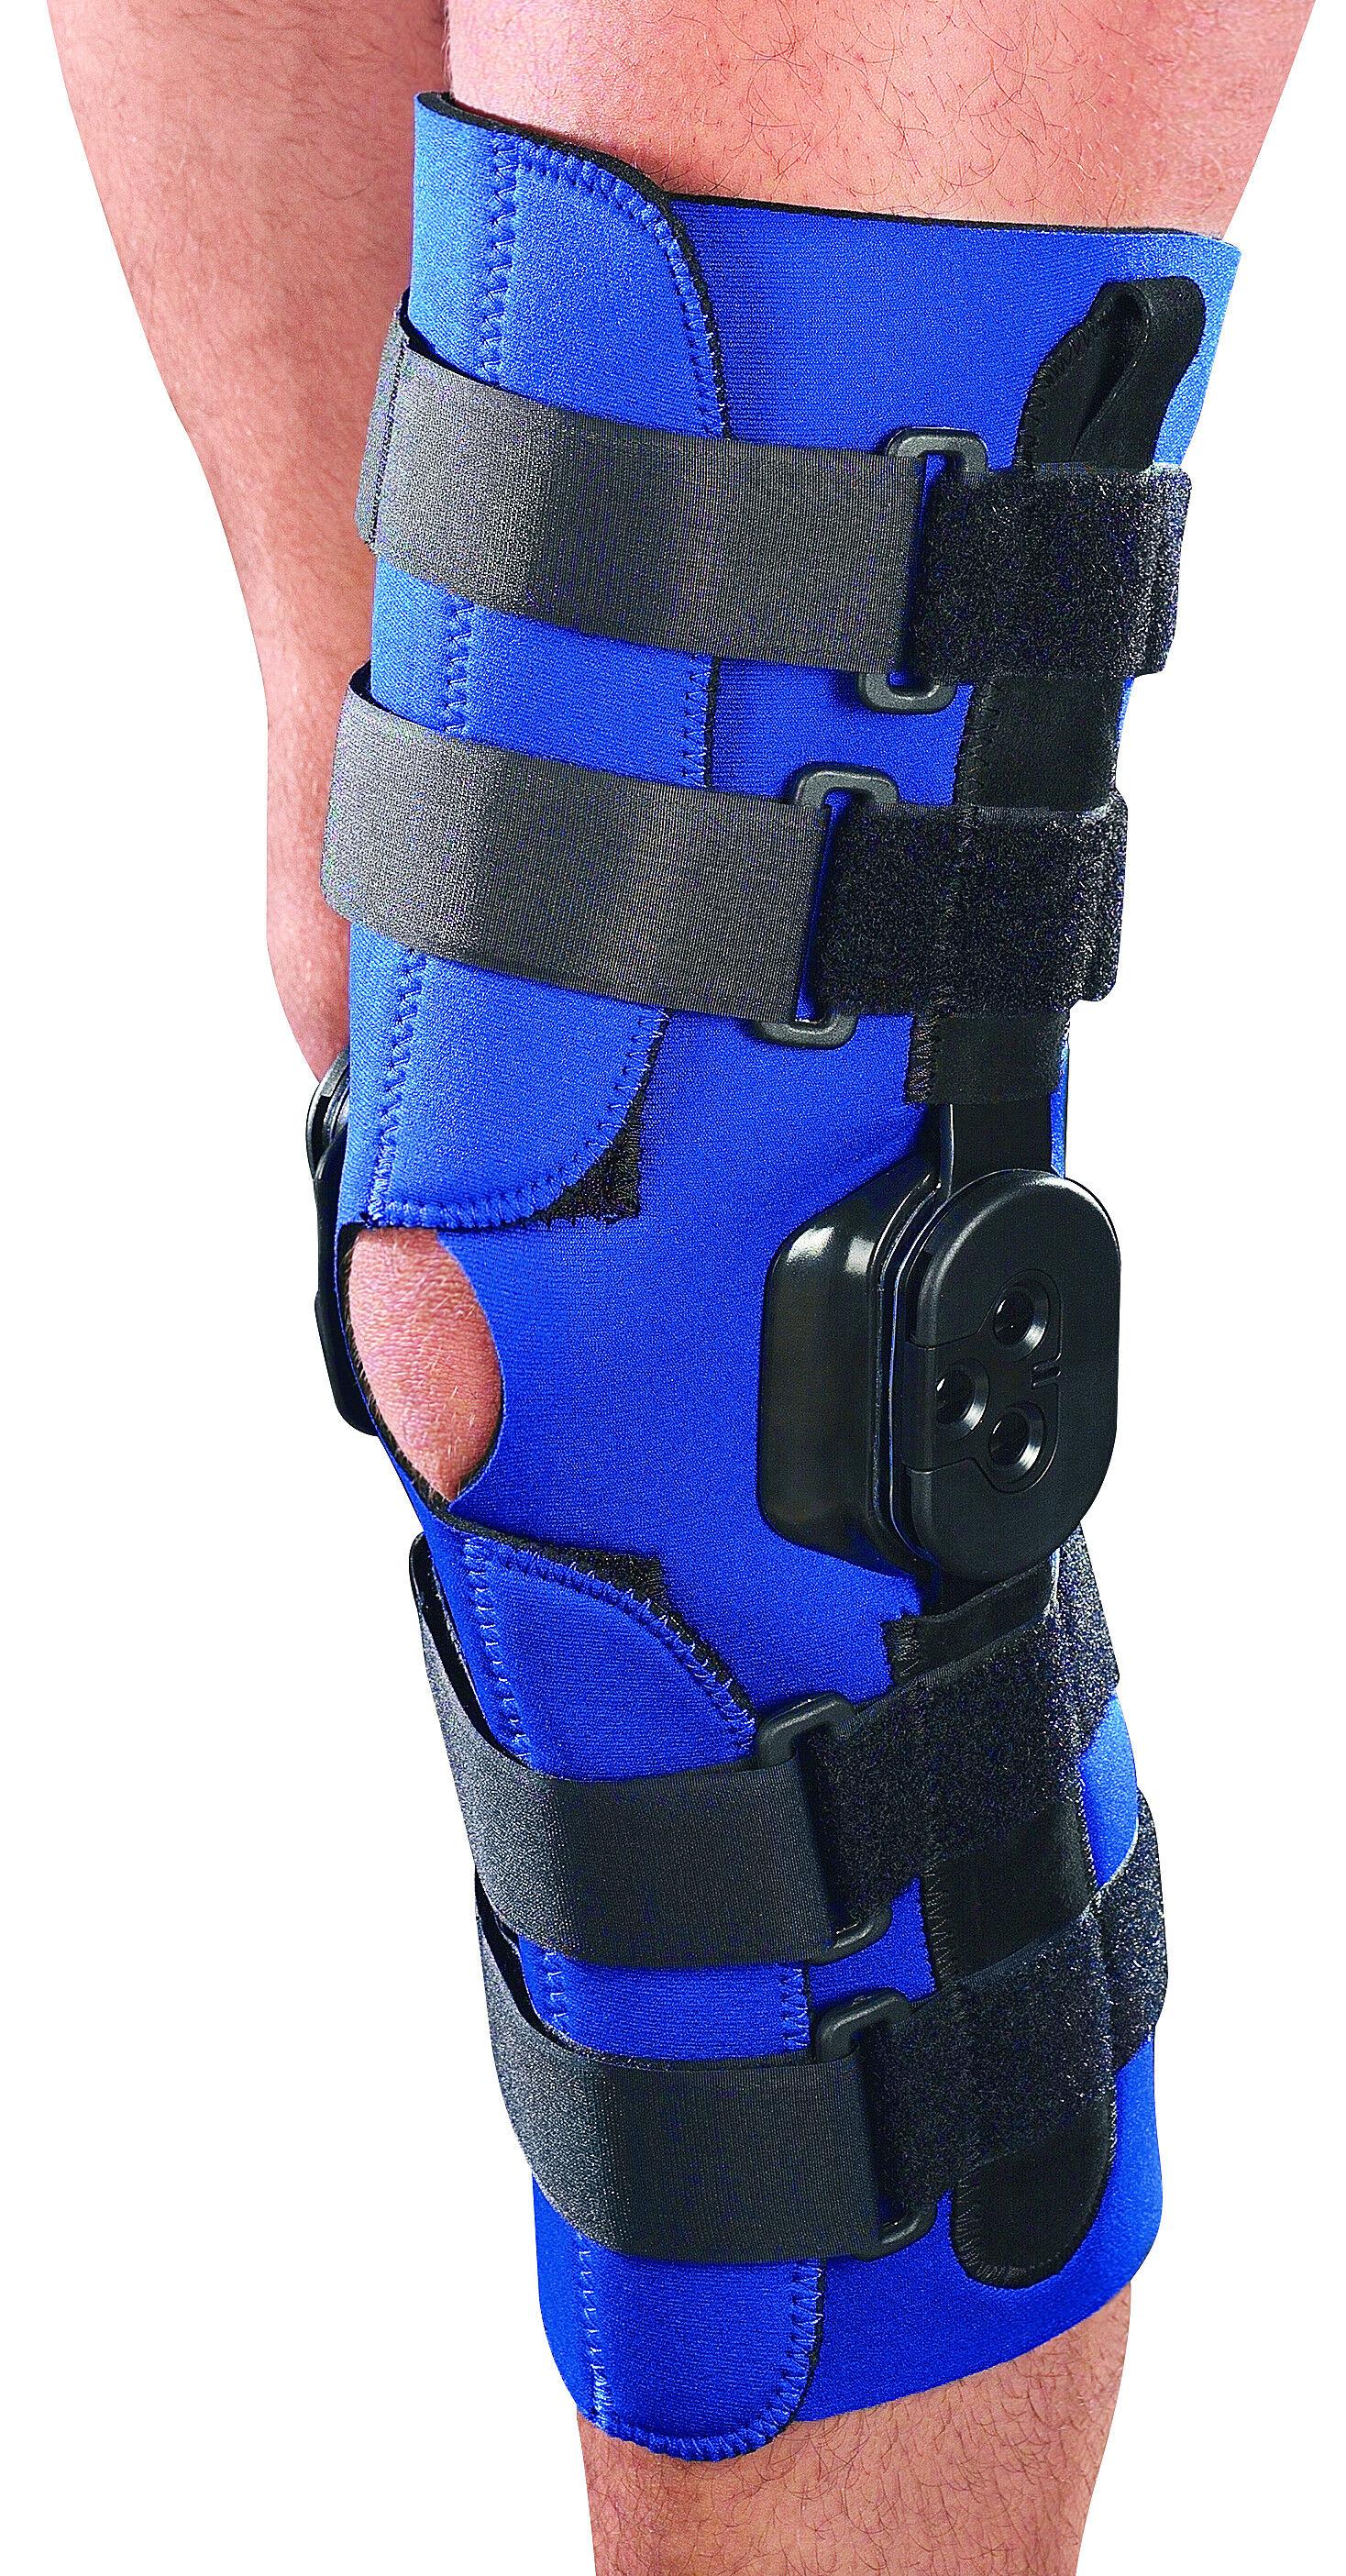 ro+ten ginocchiera in neoprene ortopedica activum modello tubolare con aste articolate a controllo f-e lunga misure varie